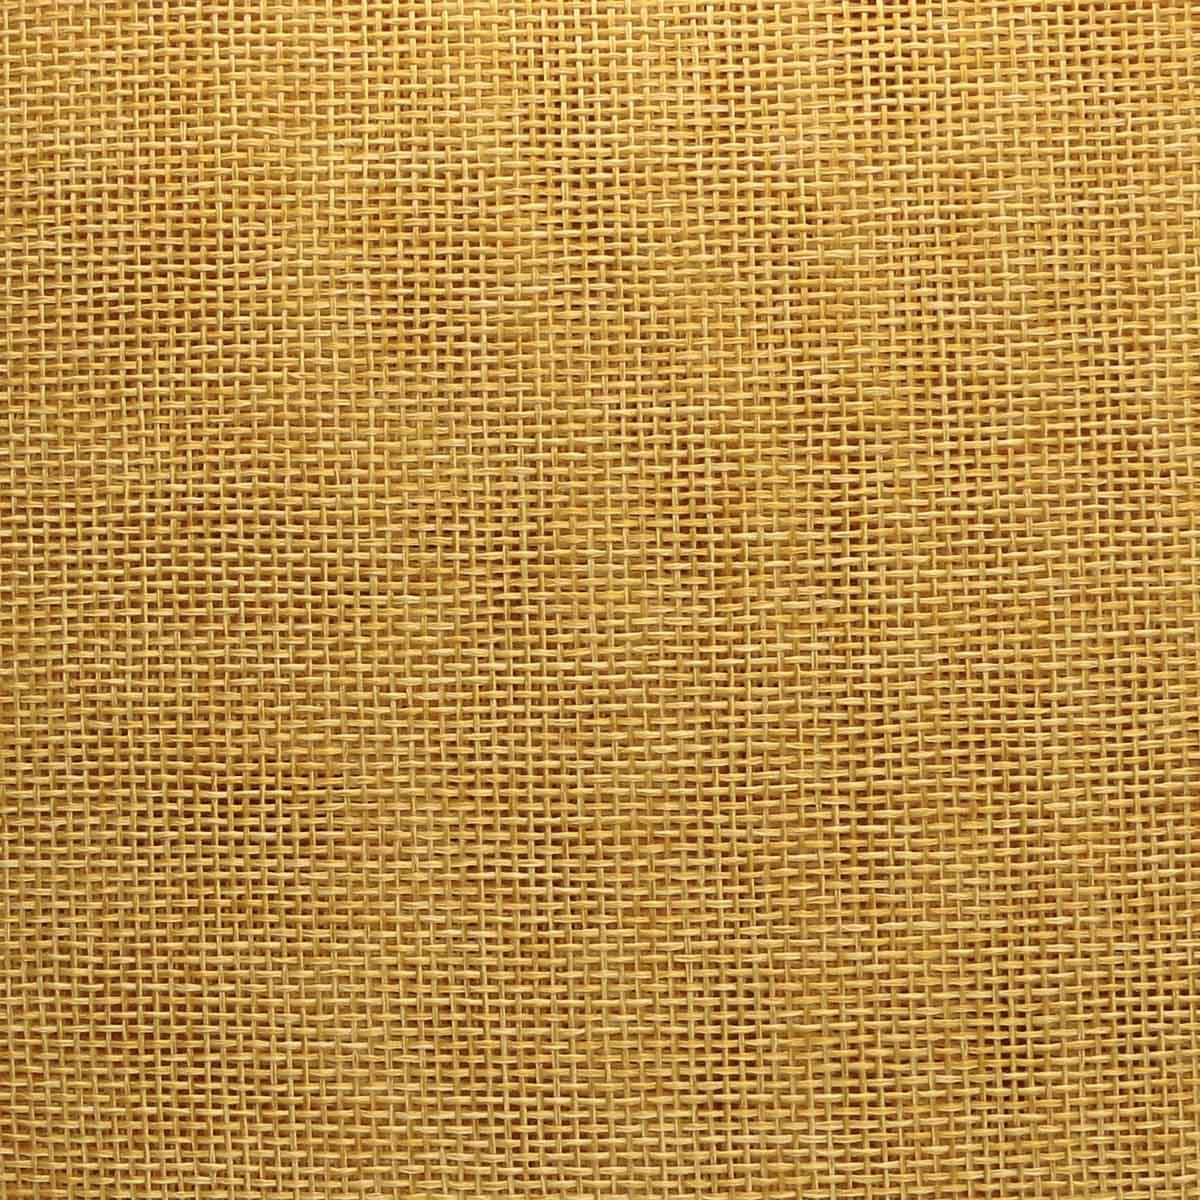 2AR111 Рогожка 100% полиэстер 48*50см (желтый)